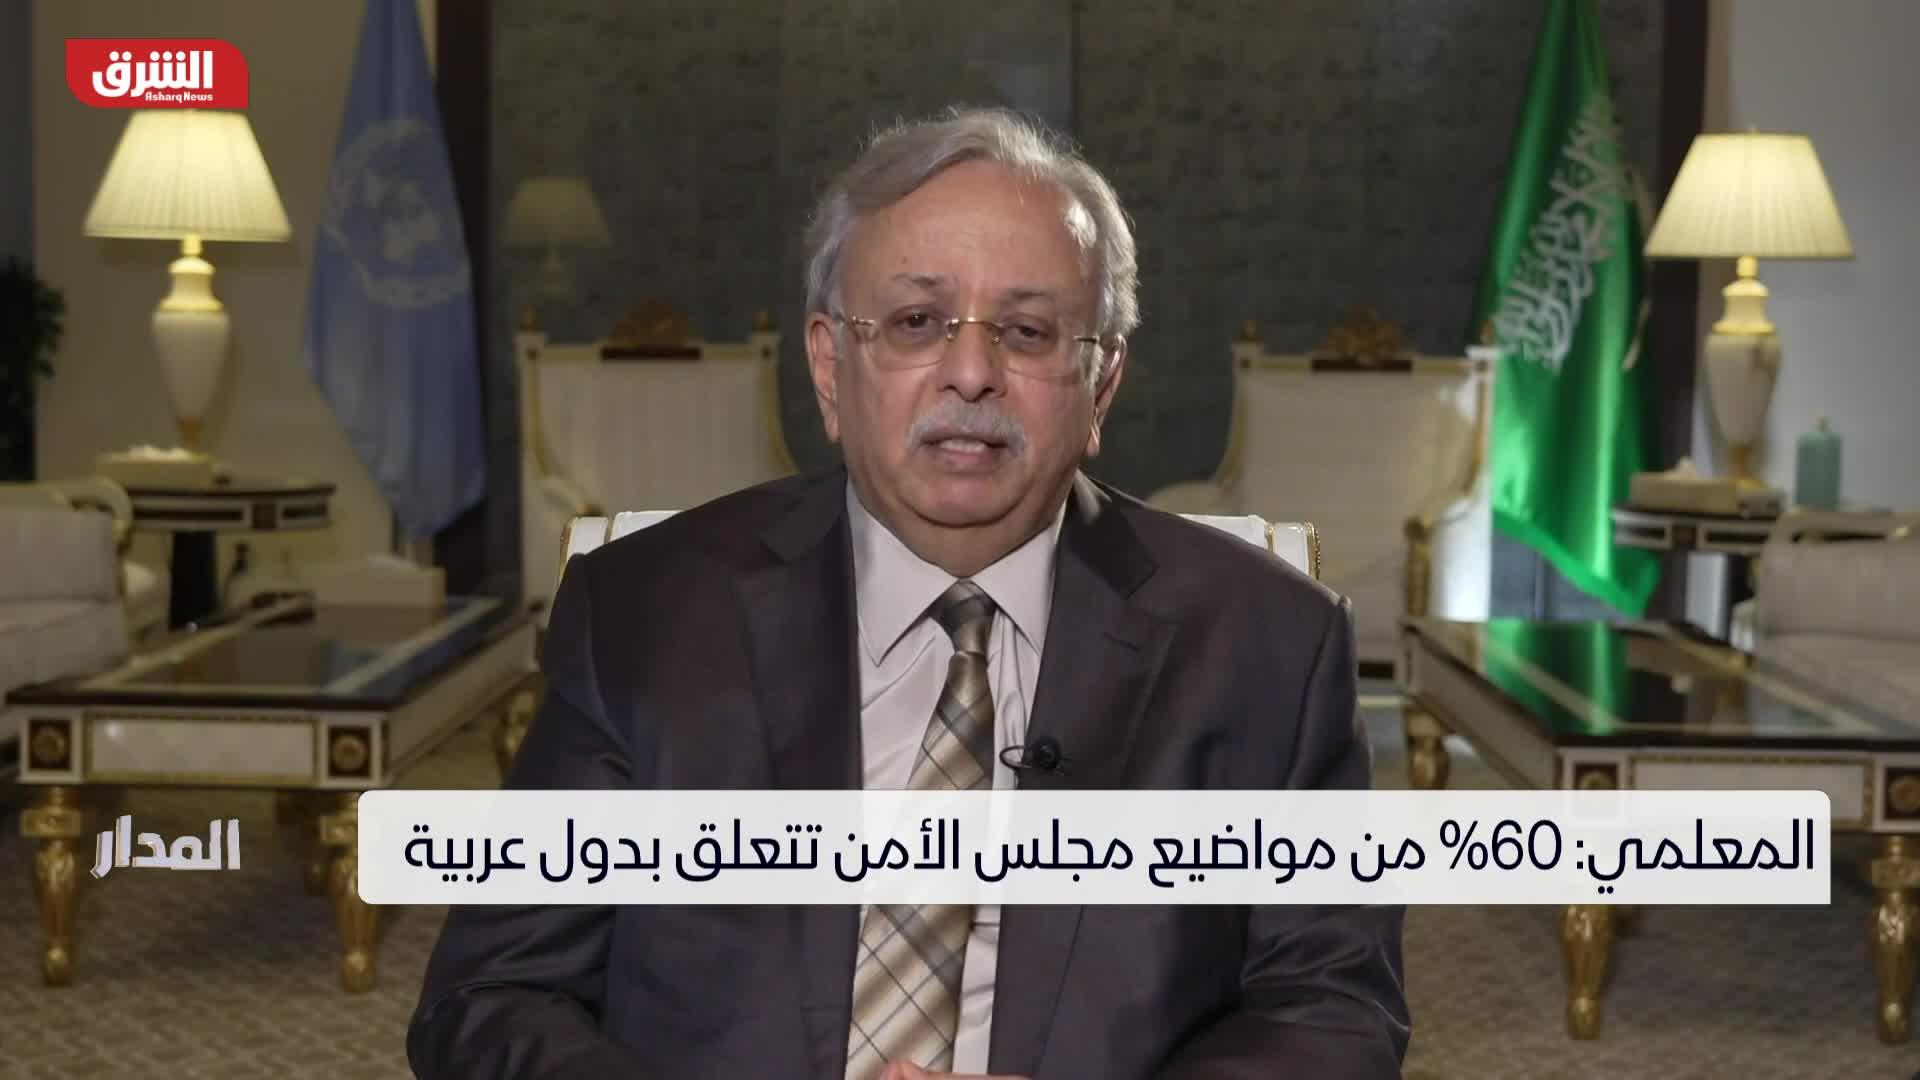 ما هو تعليق المعلمي على انسحاب الرياض من العضوية غير الدائمة بمجلس الأمن عام 2013؟